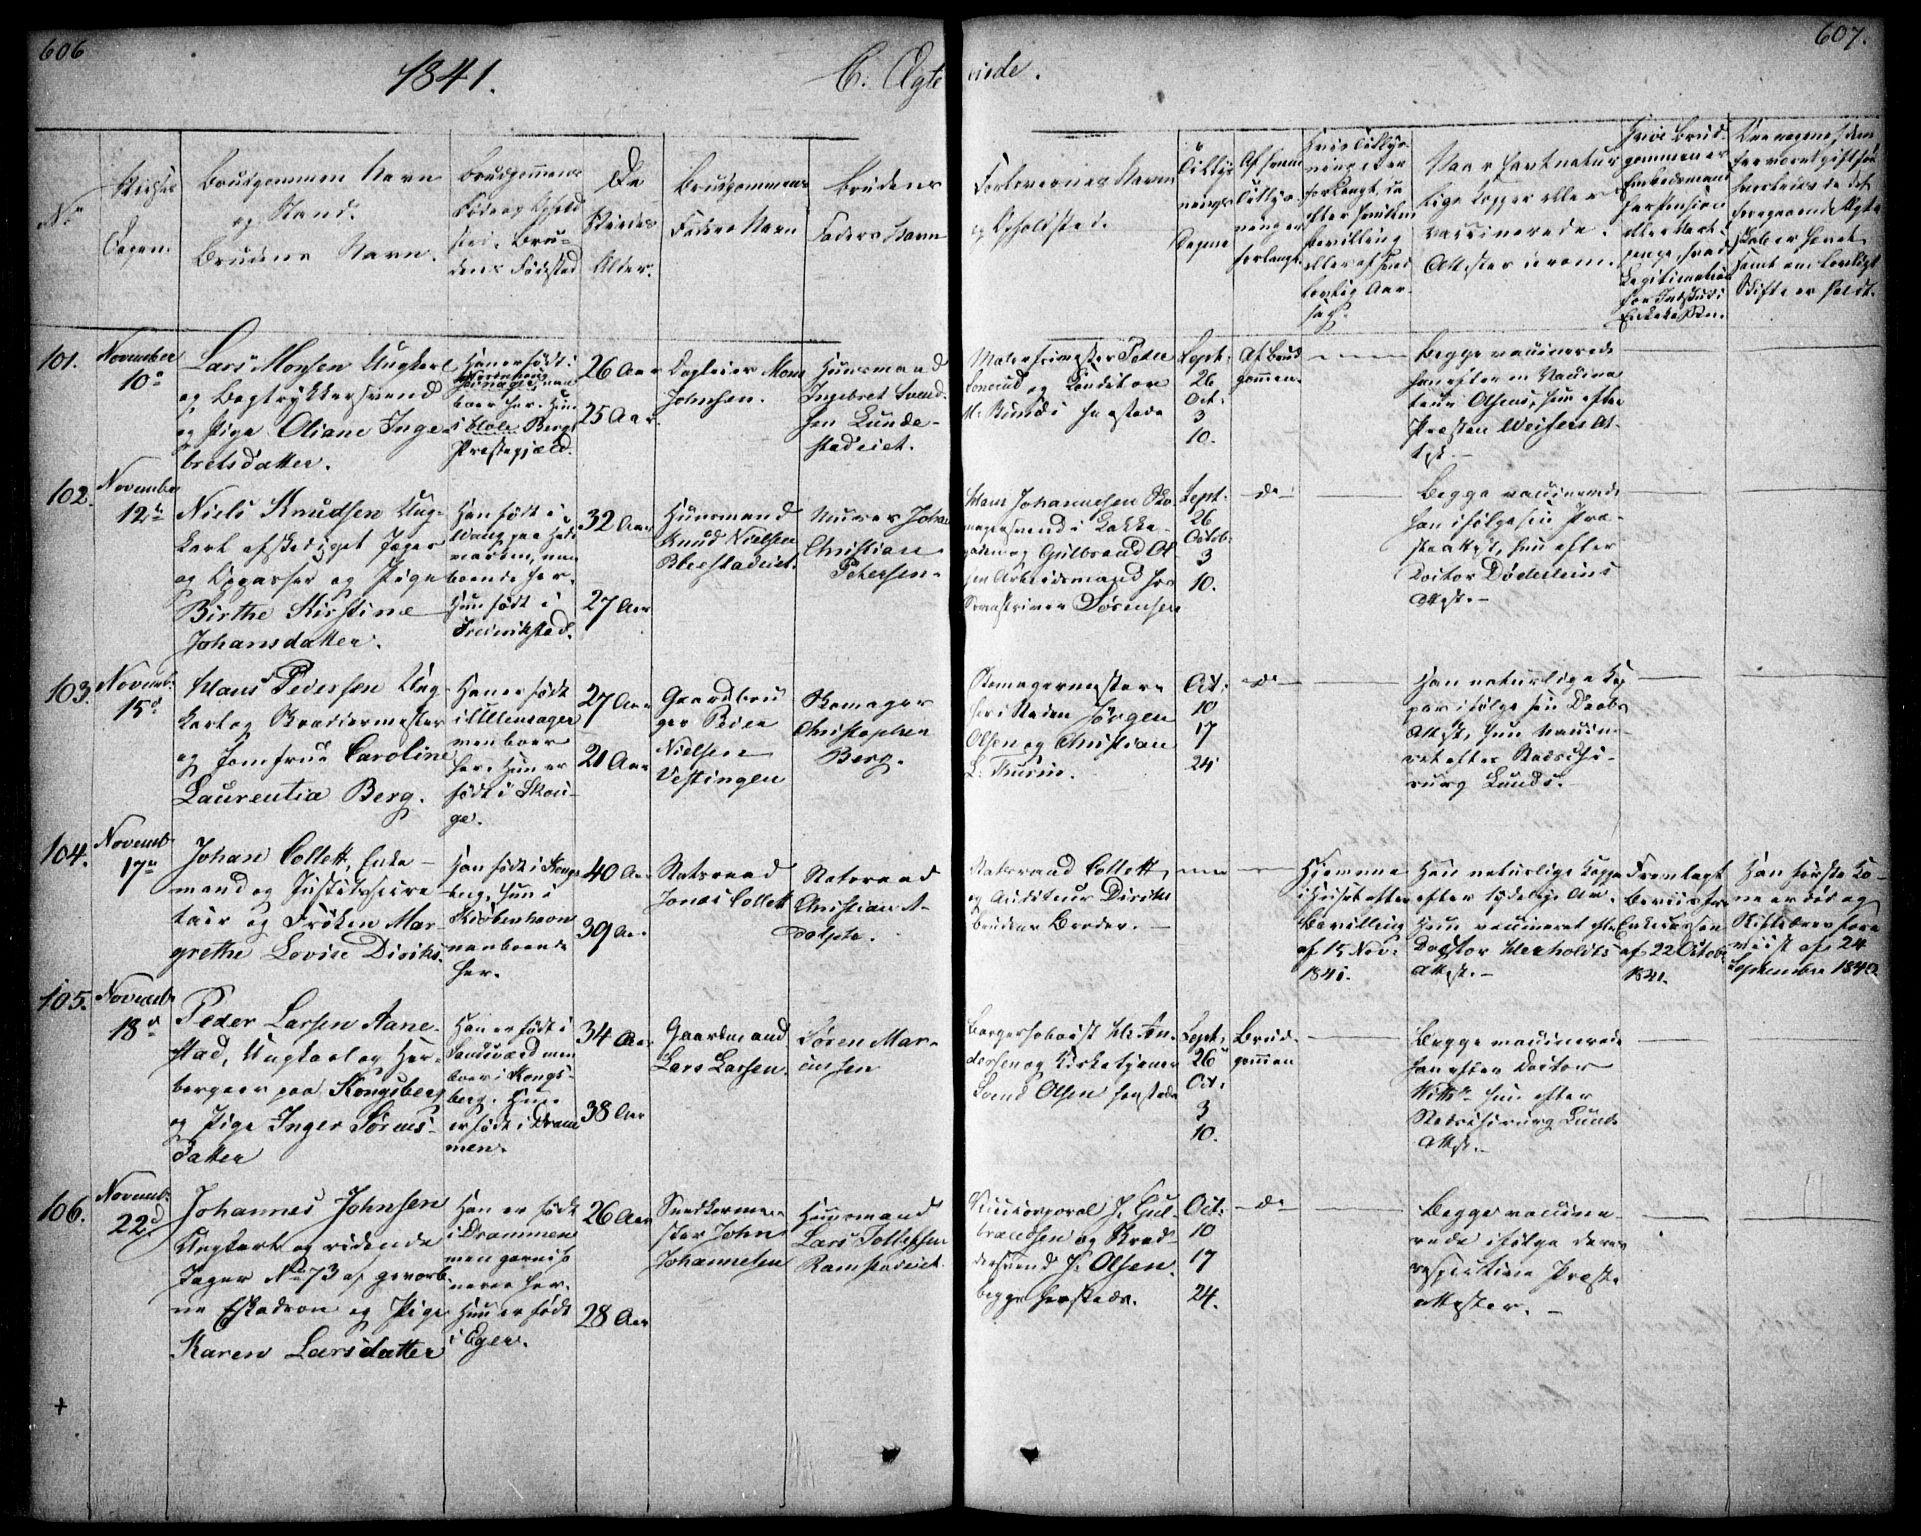 SAO, Oslo domkirke Kirkebøker, F/Fa/L0019: Ministerialbok nr. 19, 1828-1847, s. 606-607